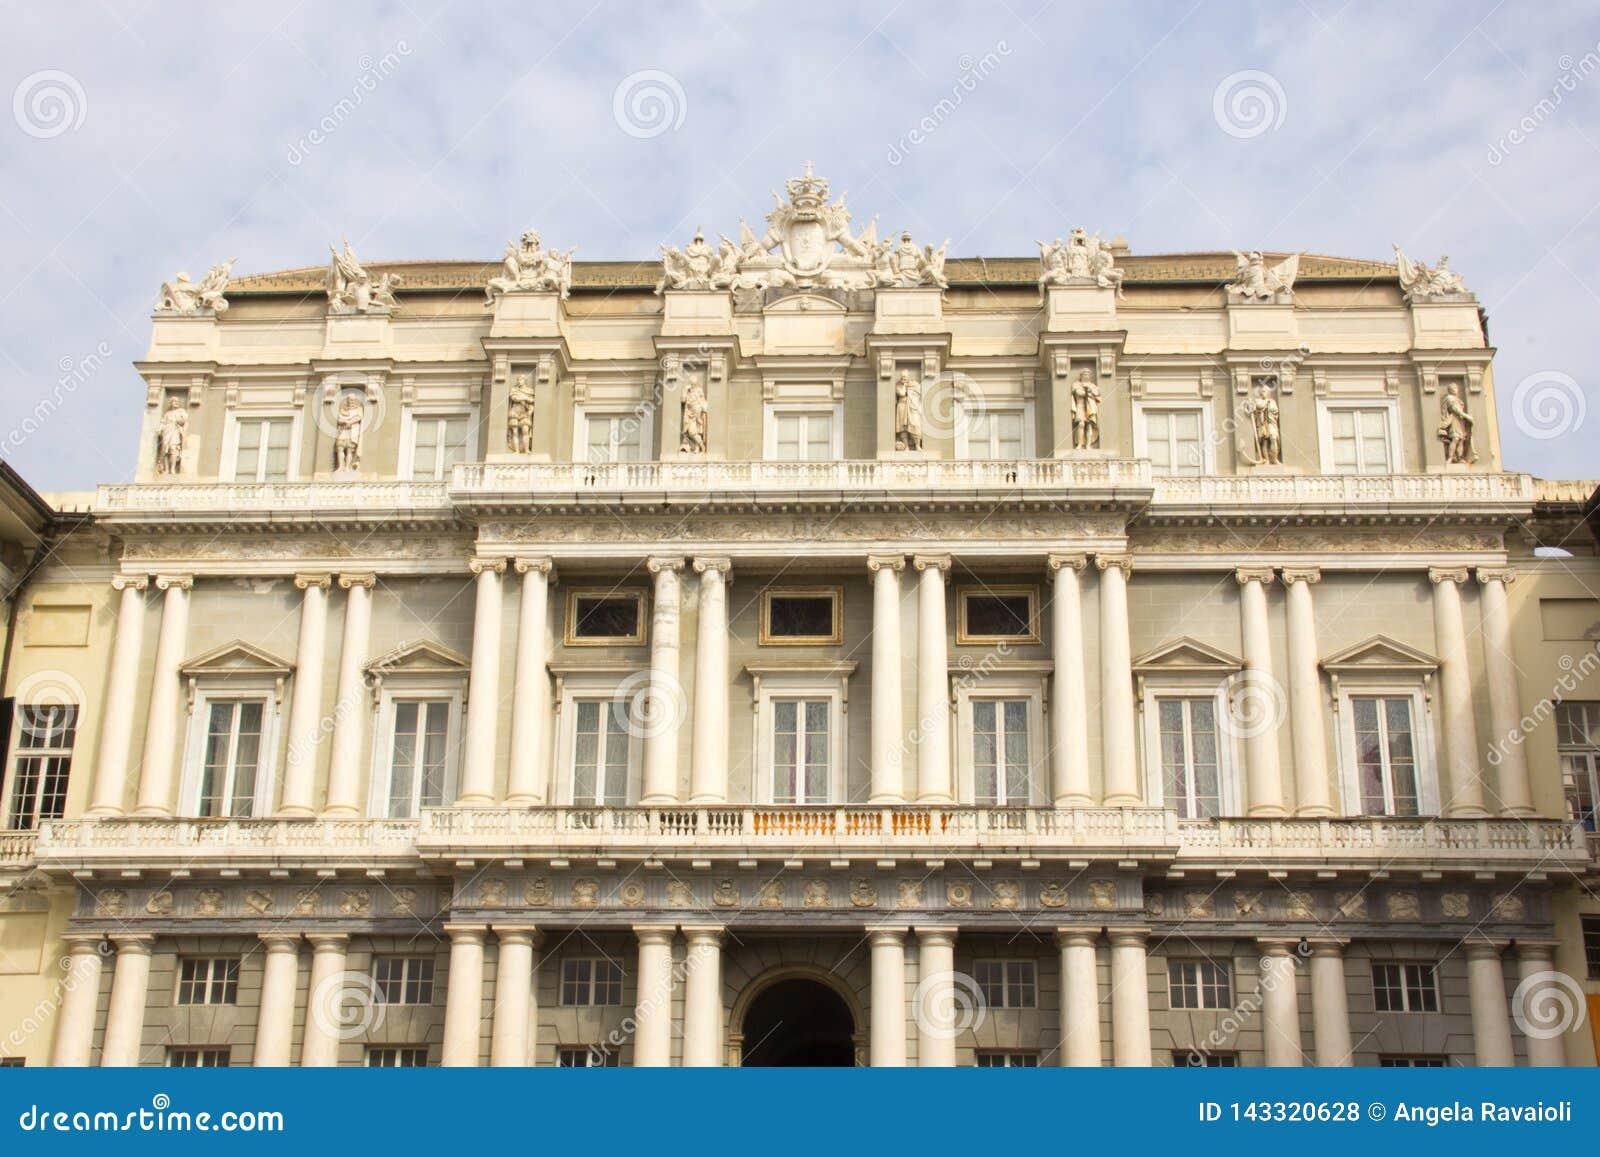 Façade des Palazzo Ducale in Genua